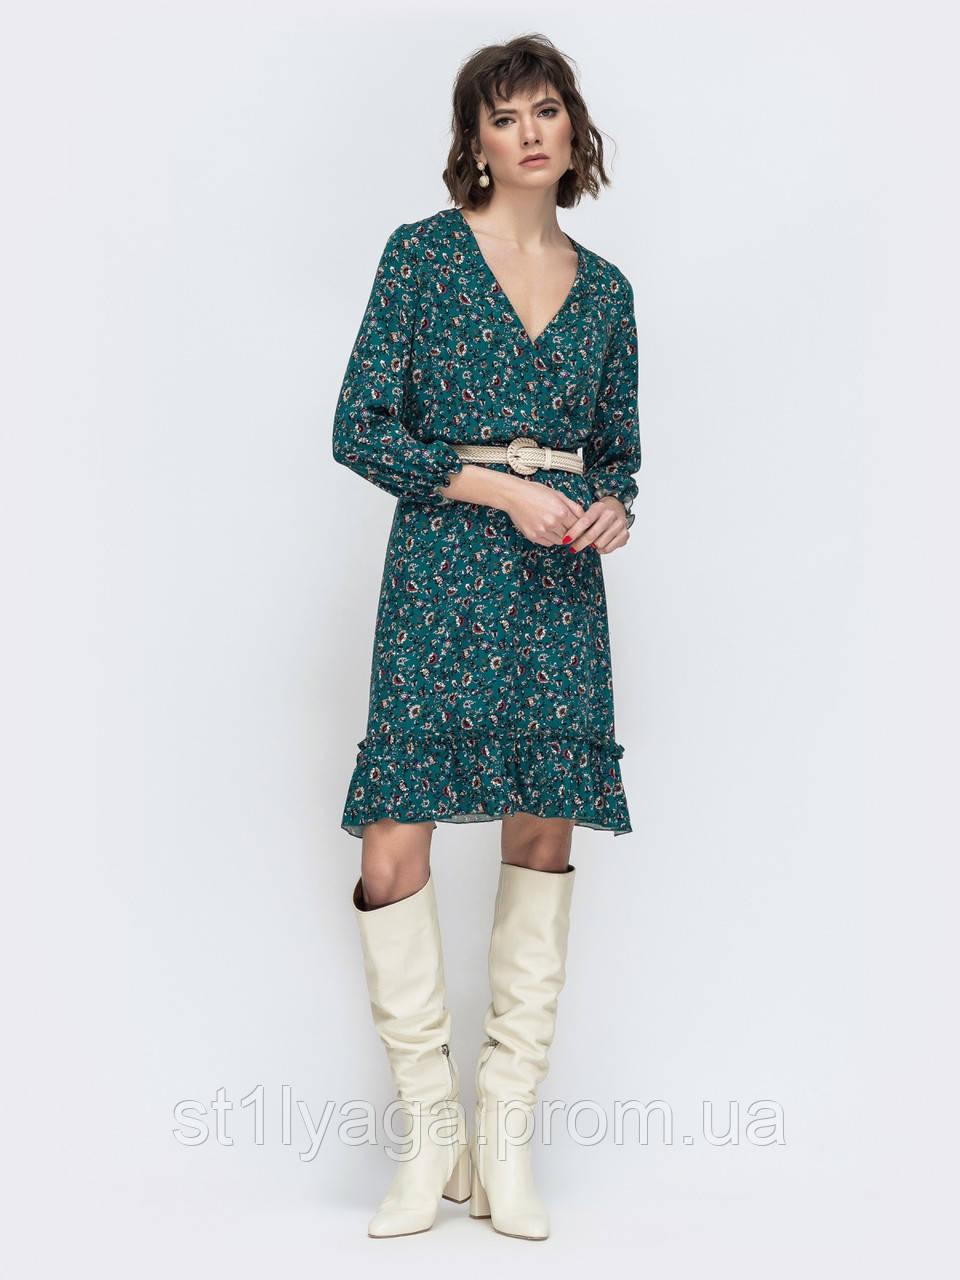 Модне плаття в квіточку з рукавом три чверті і рюшів понизу